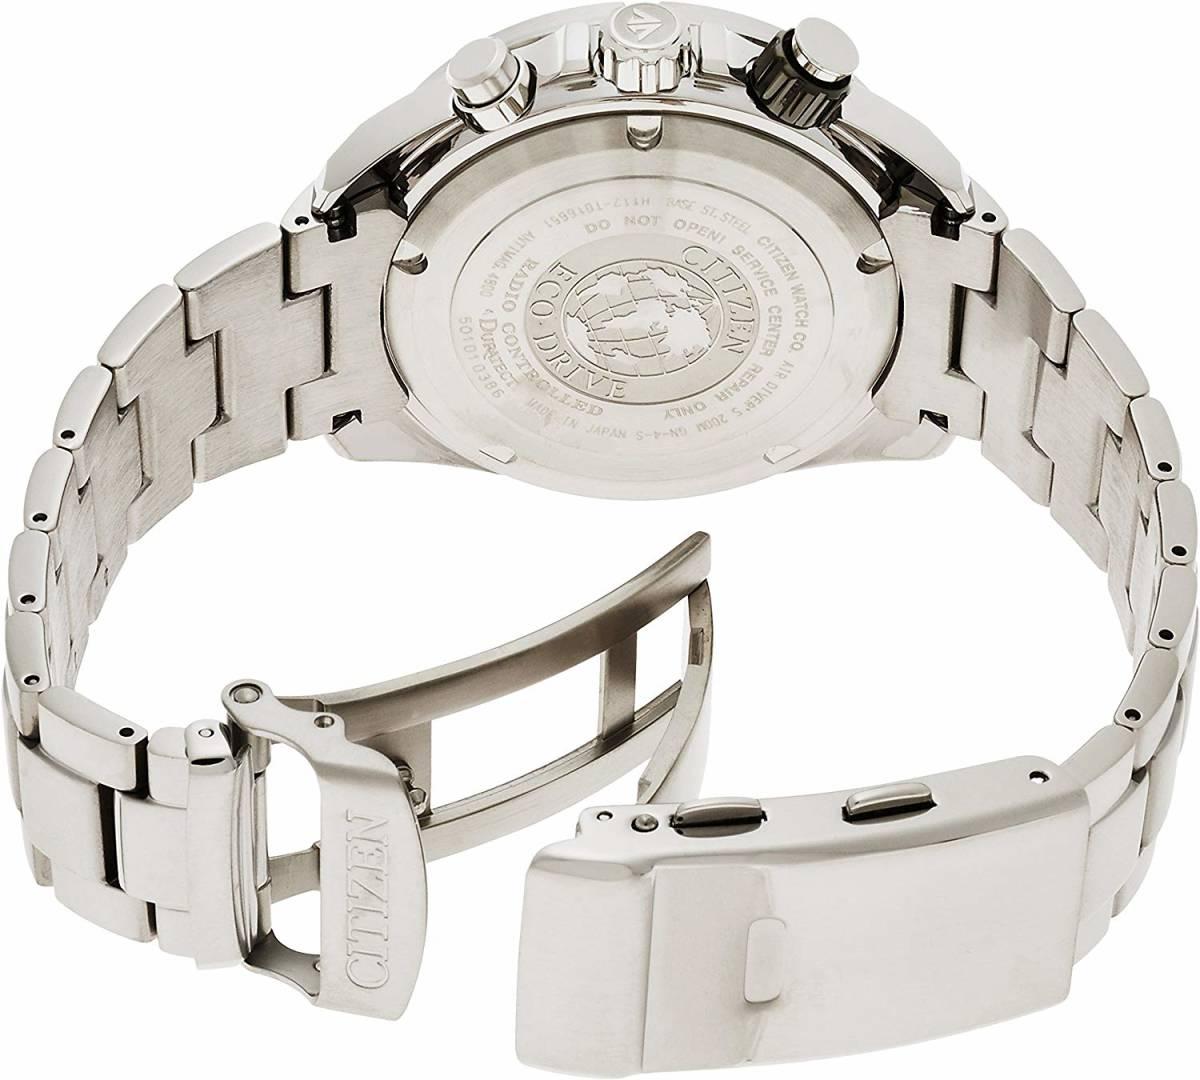 [シチズン]CITIZEN 腕時計 PROMASTER プロマスター エコ・ドライブ 電波時計 マリンシリーズ 200m ダイバー PMD56-3081 メンズ -536-_画像2